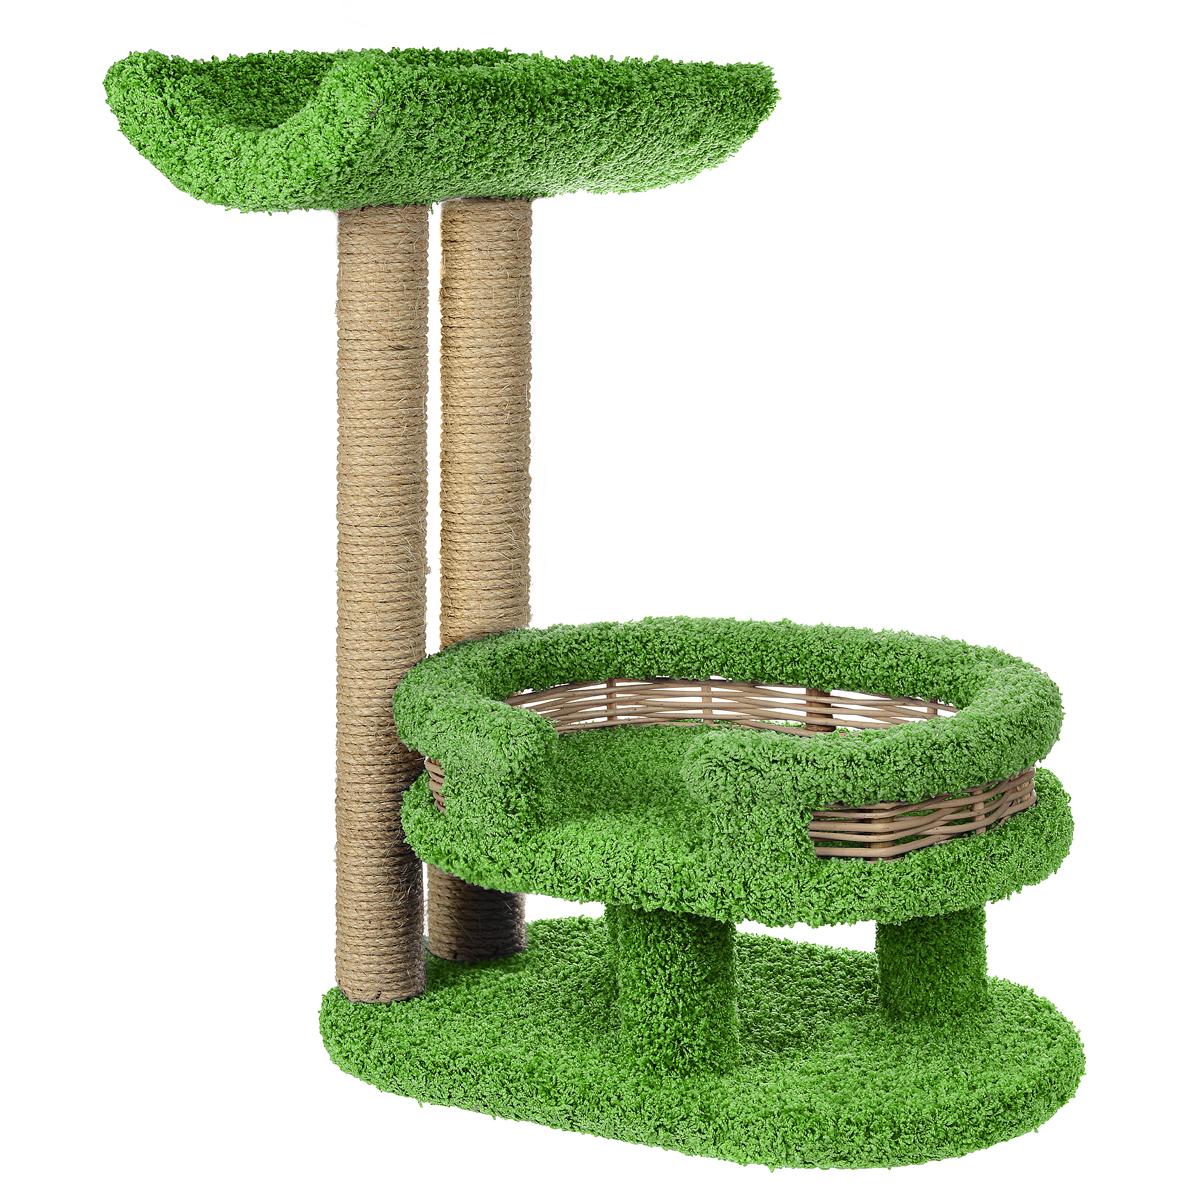 Когтеточка Лежанка с седлом, цвет: зеленый, 45 см х 60 см х 80 см0120710Когтеточка Лежанка с седлом отлично подойдет для котят и взрослых кошек средних размеров. Когтеточка станет не только идеальным местом для подвижных игр вашего любимца, но и местом для отдыха. Благодаря столбикам - когтеточкам, обернутым веревками из сизаля, ваша кошка удовлетворит природную потребность точить когти, что поможет сохранить вашу мебель и ковры. Для приучения любимца к когтеточке можно натереть ее сухой валерьянкой или кошачьей мятой. Оригинальный дизайнлежанки с плетеными бортиками позволит гармонично вписаться когтеточке в интерьер вашей квартиры.